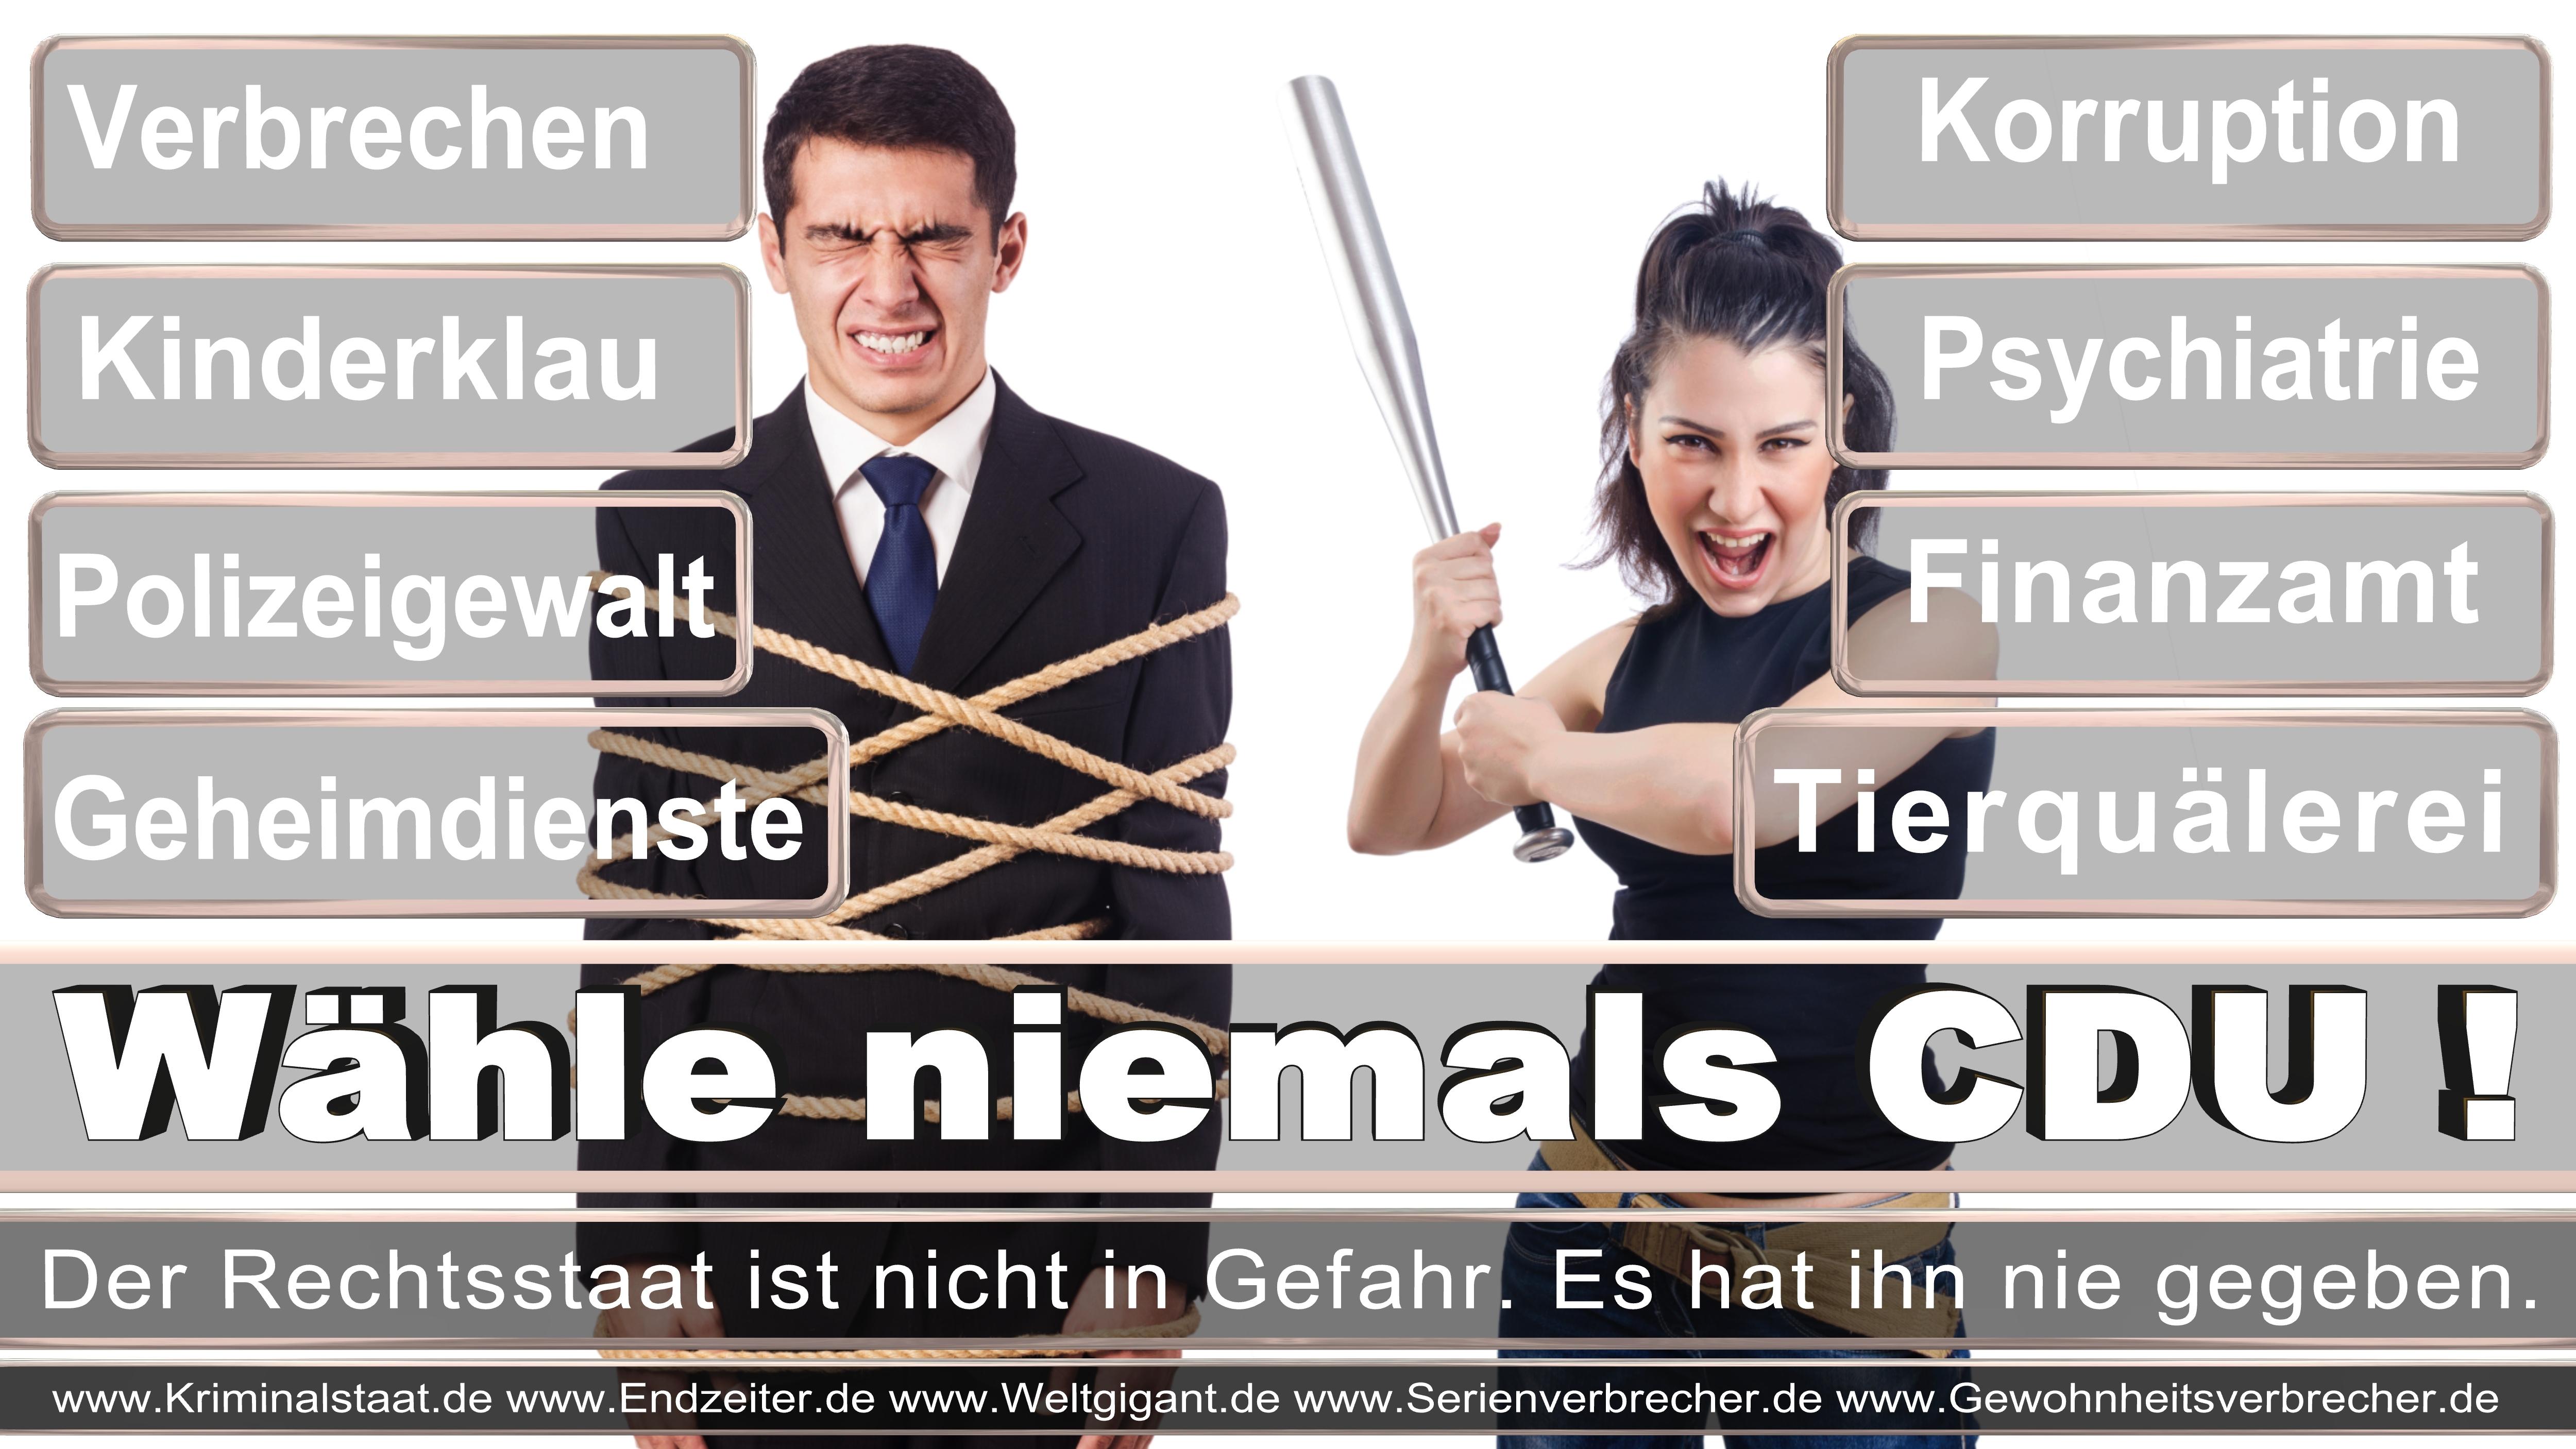 Bundestagswahl 2017 Prognose Bundestagswahl 2017 Wahlomat Bundestagswahl 2017 Kandidaten (7)